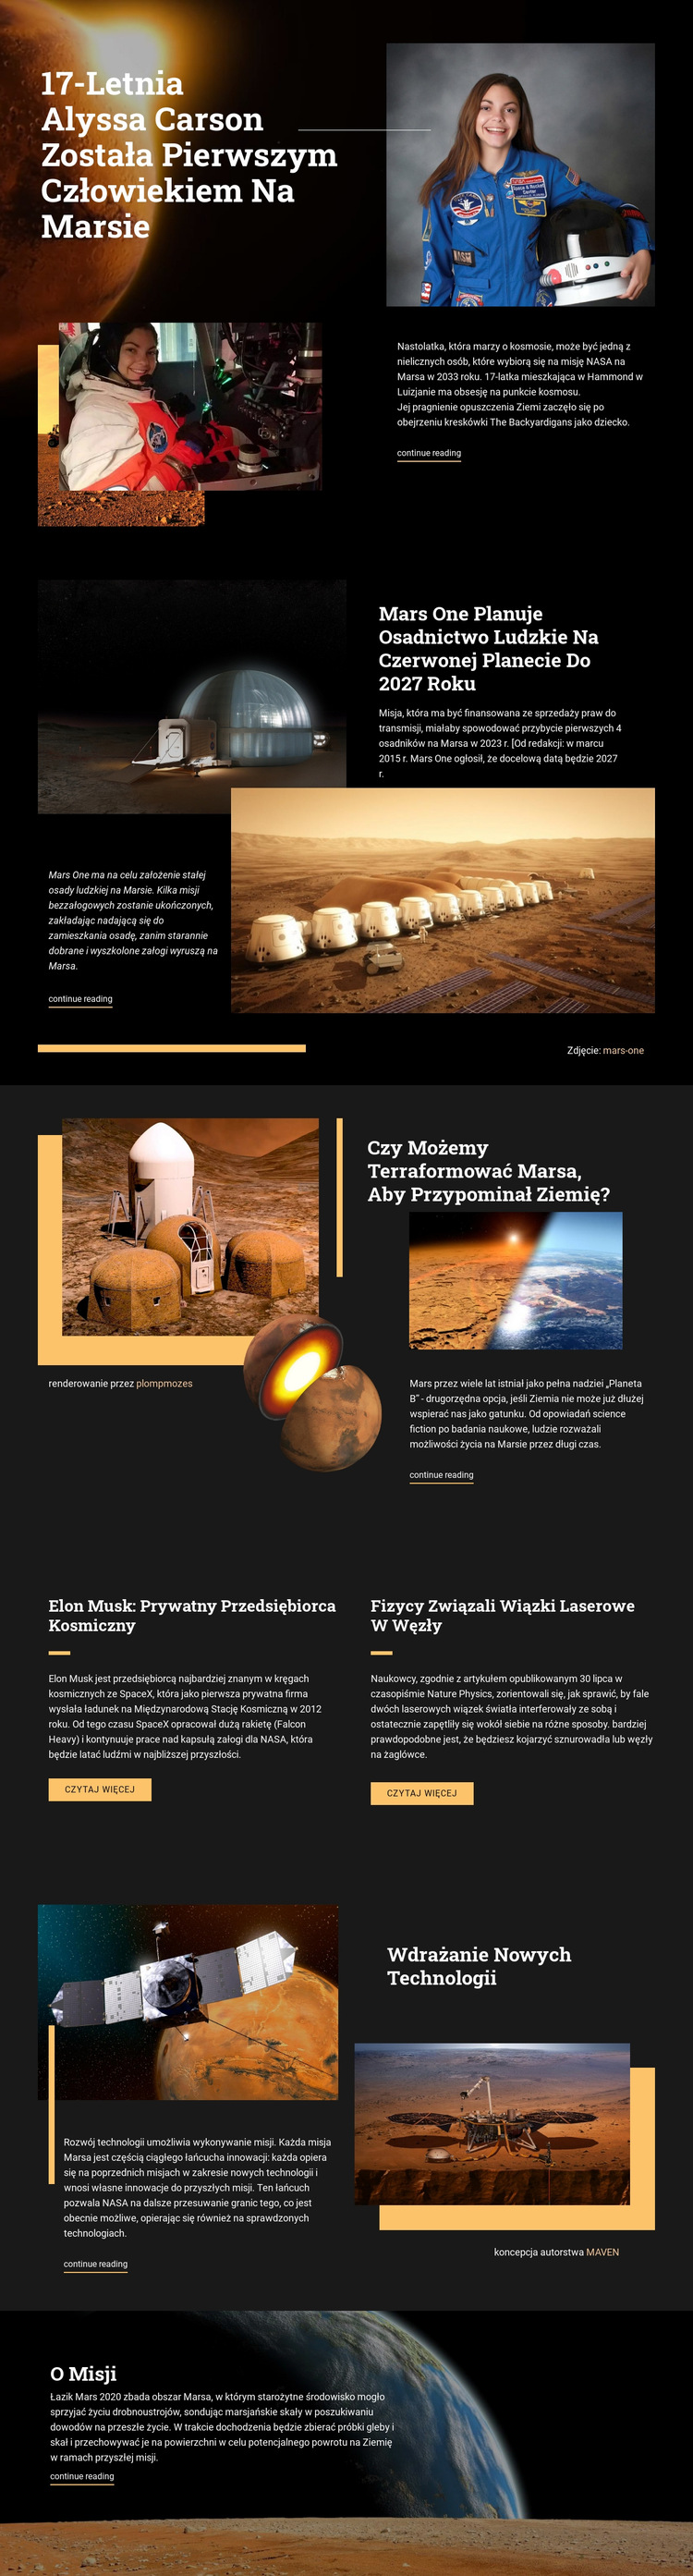 Pierwszy człowiek na Marsie Szablon witryny sieci Web